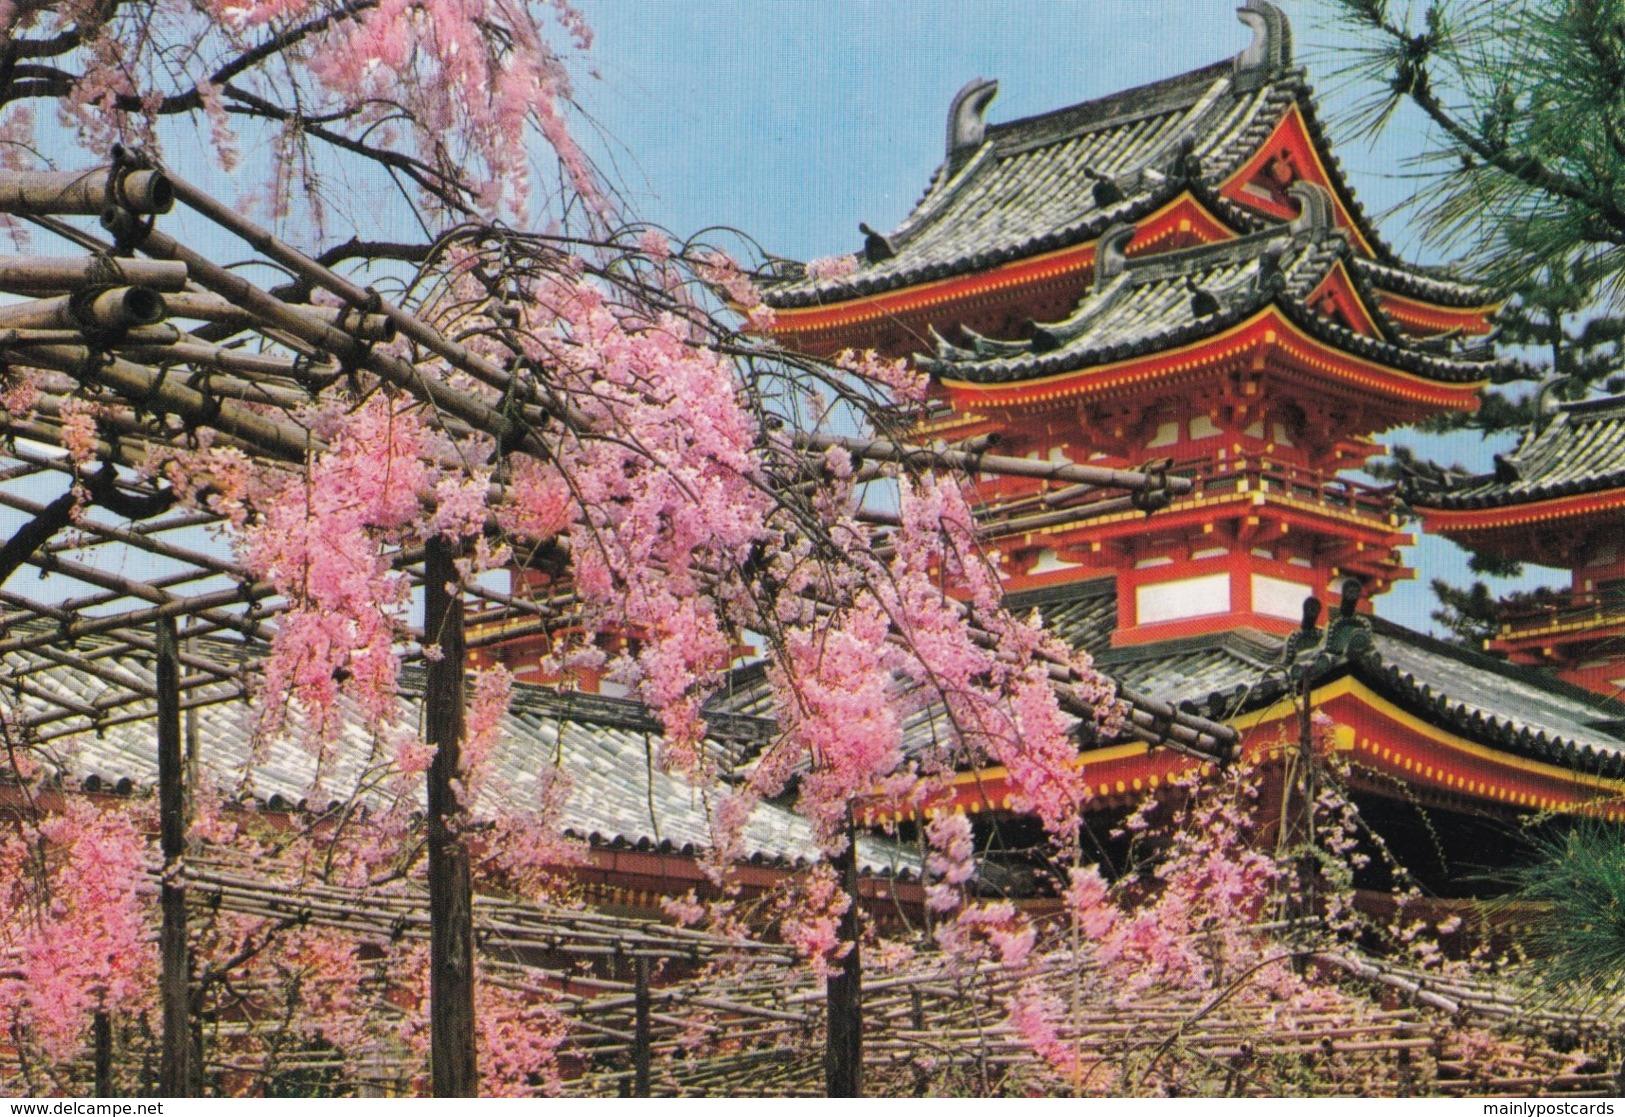 AM12 The Heian Jingu Shrine, Kyoto - Kyoto